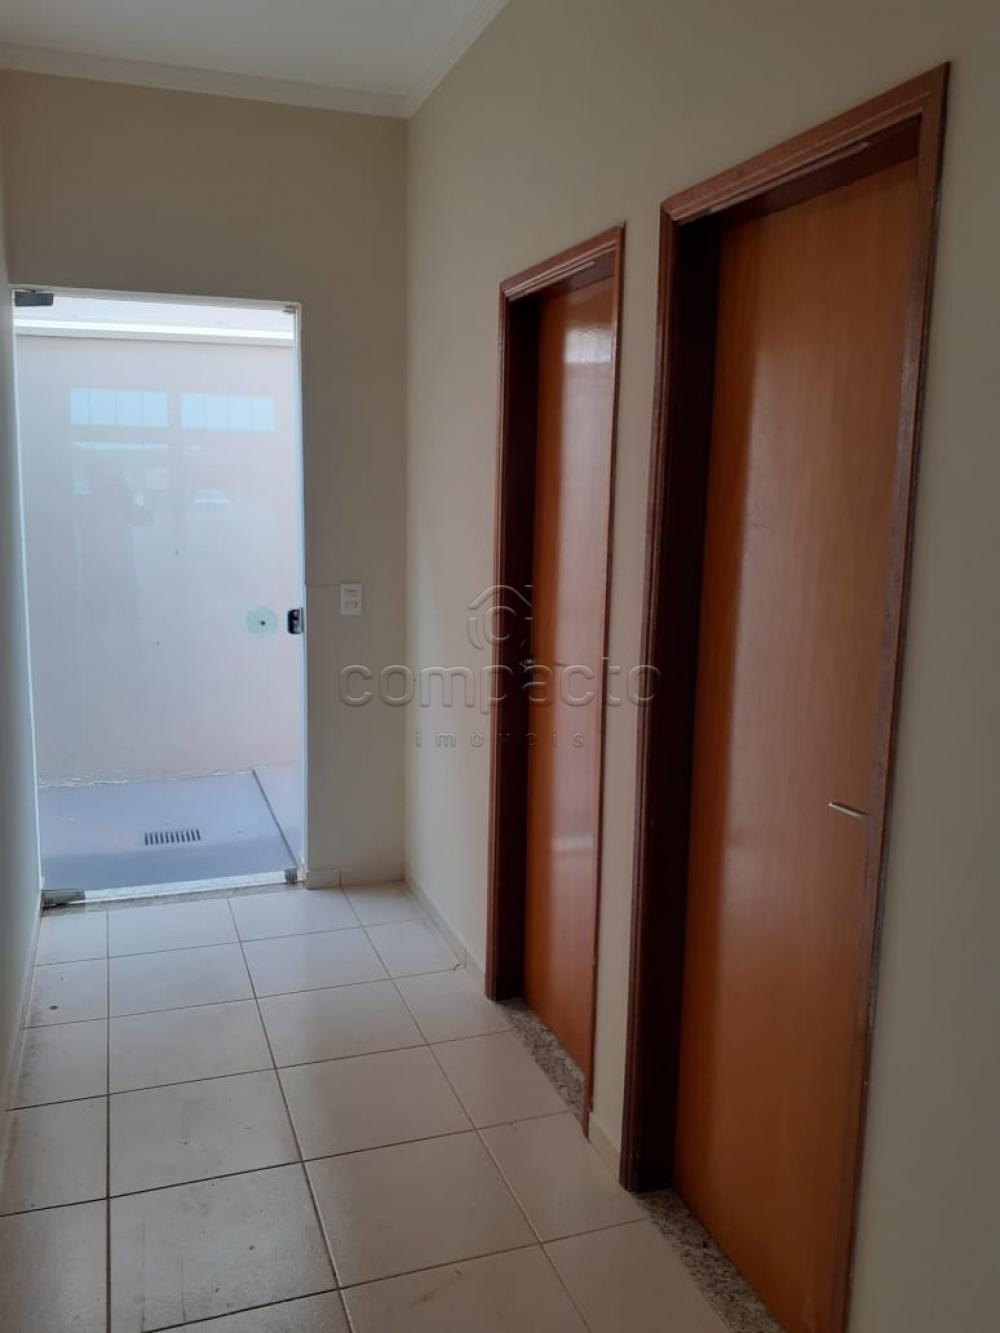 Alugar Comercial / Salão em Bady Bassitt apenas R$ 5.000,00 - Foto 6